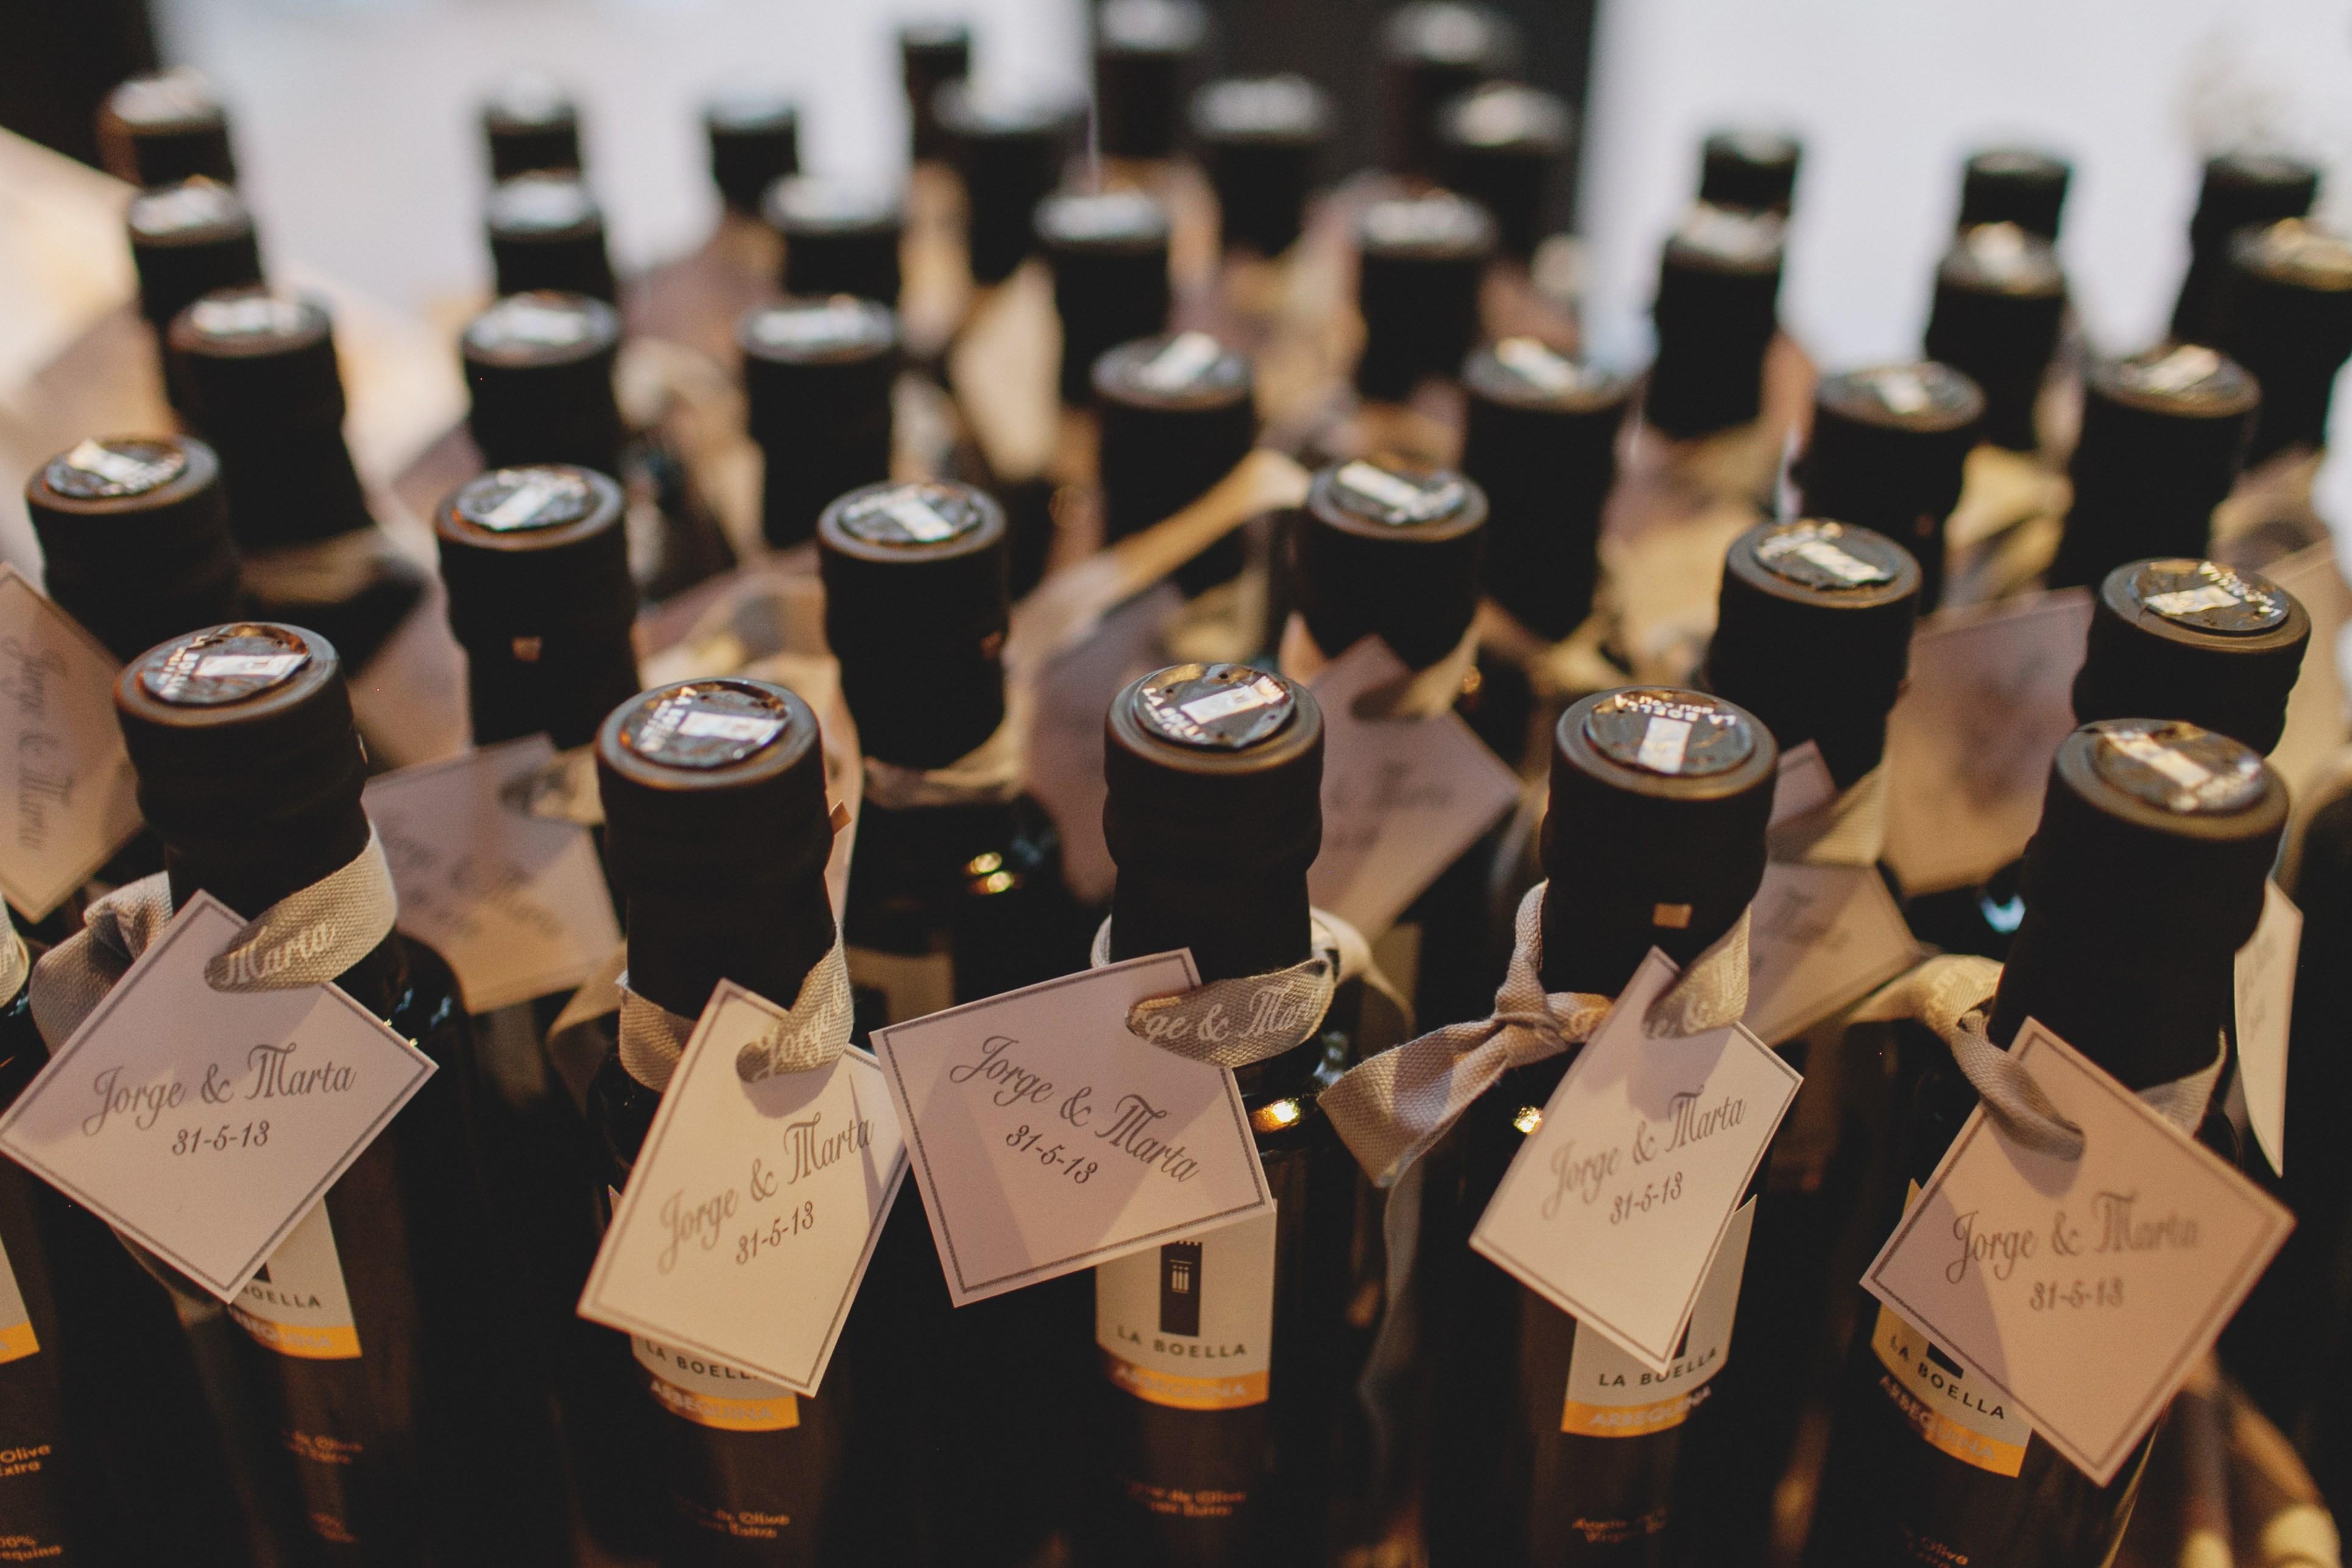 Los detalles de la boda de marta y jorge en tarragona for Para invitados